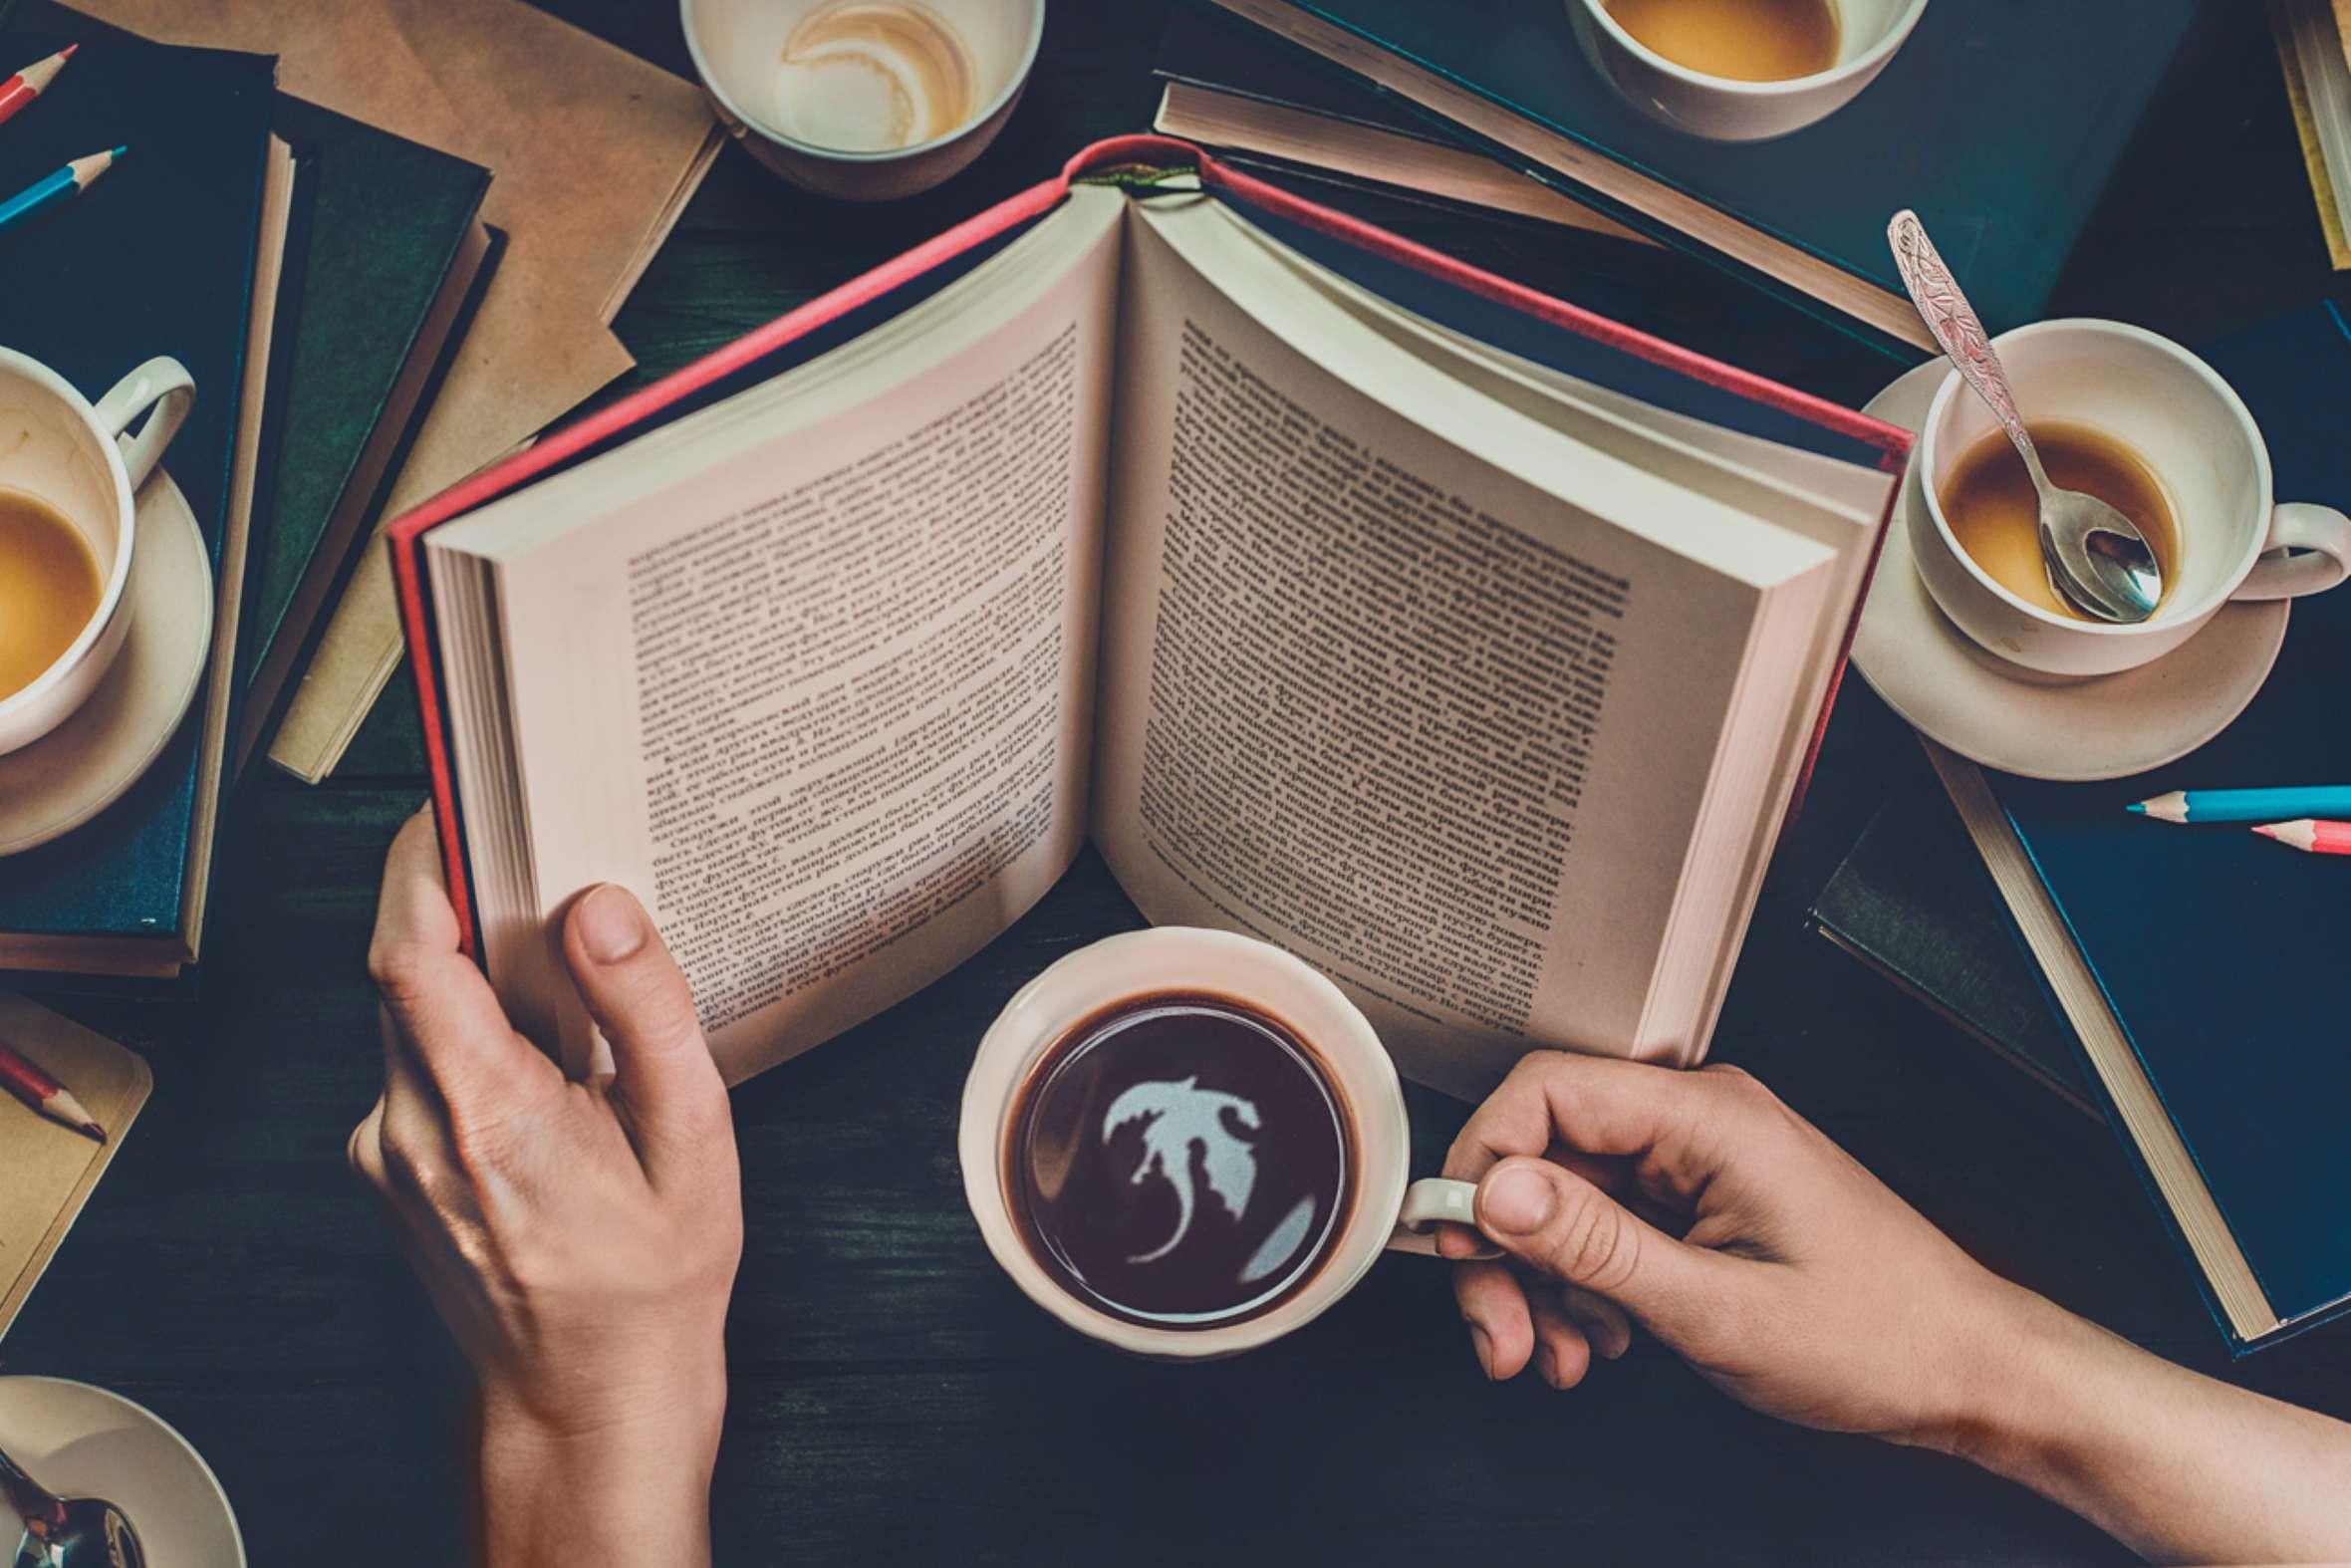 cuộc sống hạnh phúc - sách và coffee - elle man